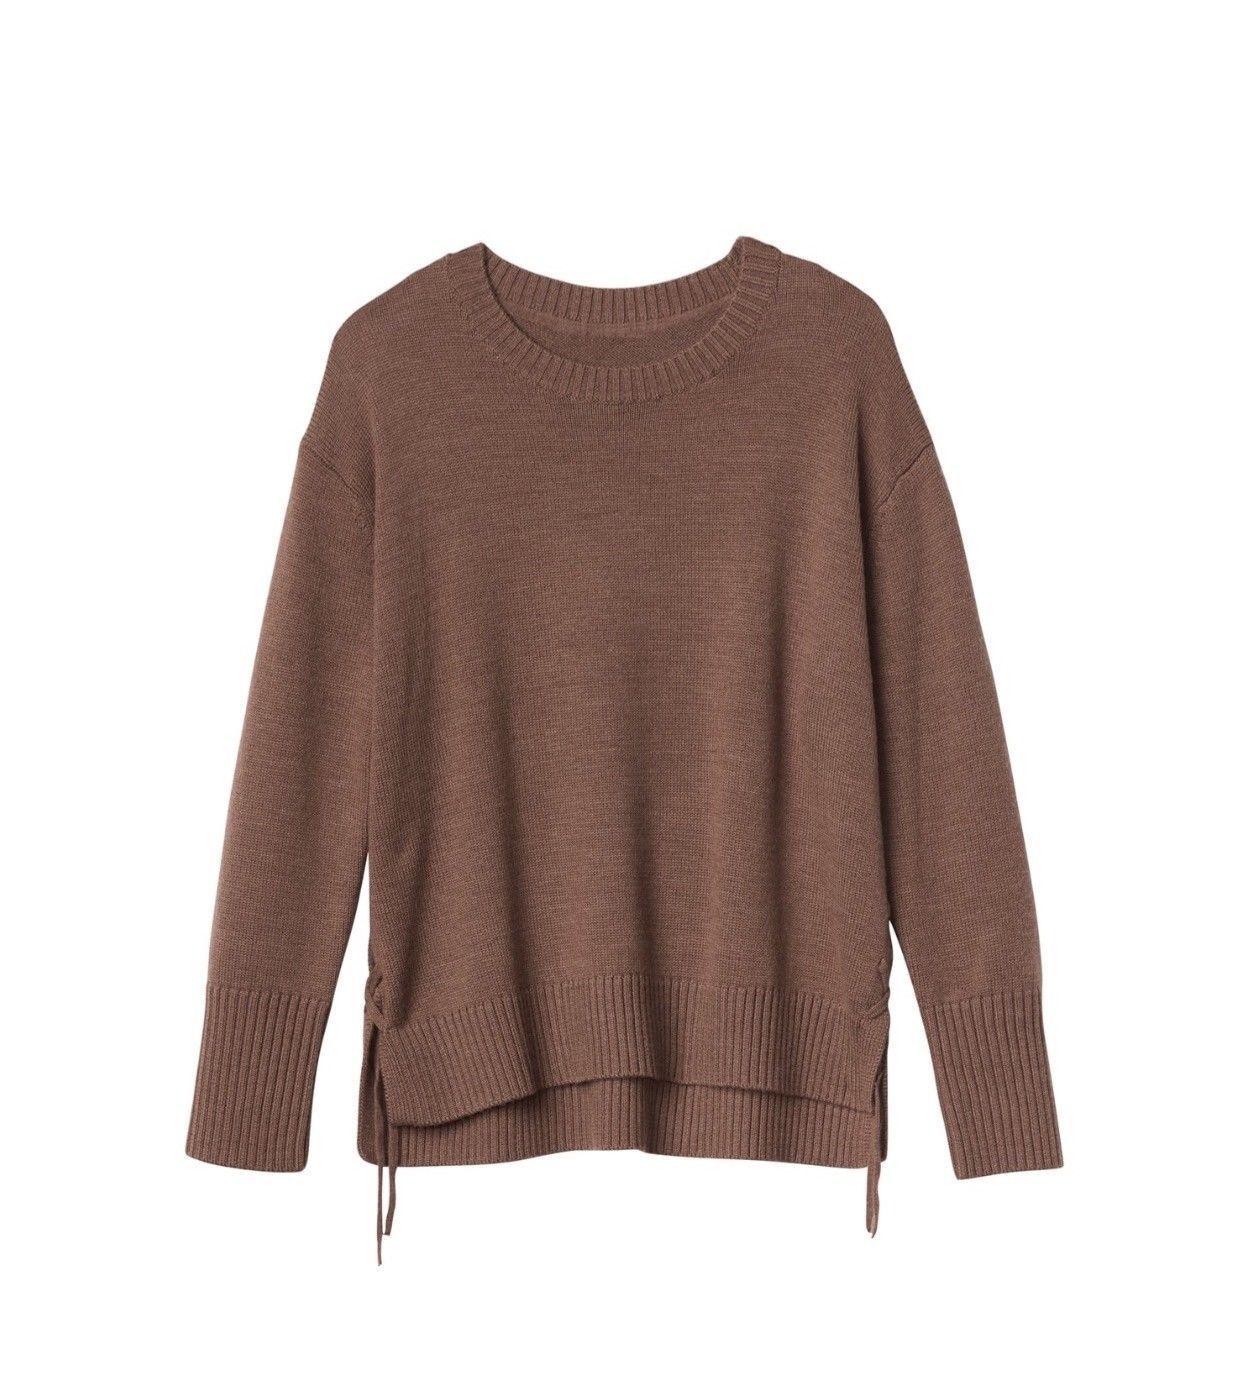 ATHLETA Merino Nopa Sweater,  NWT, XXS, Burnished Bronze, 100% Merino Wool